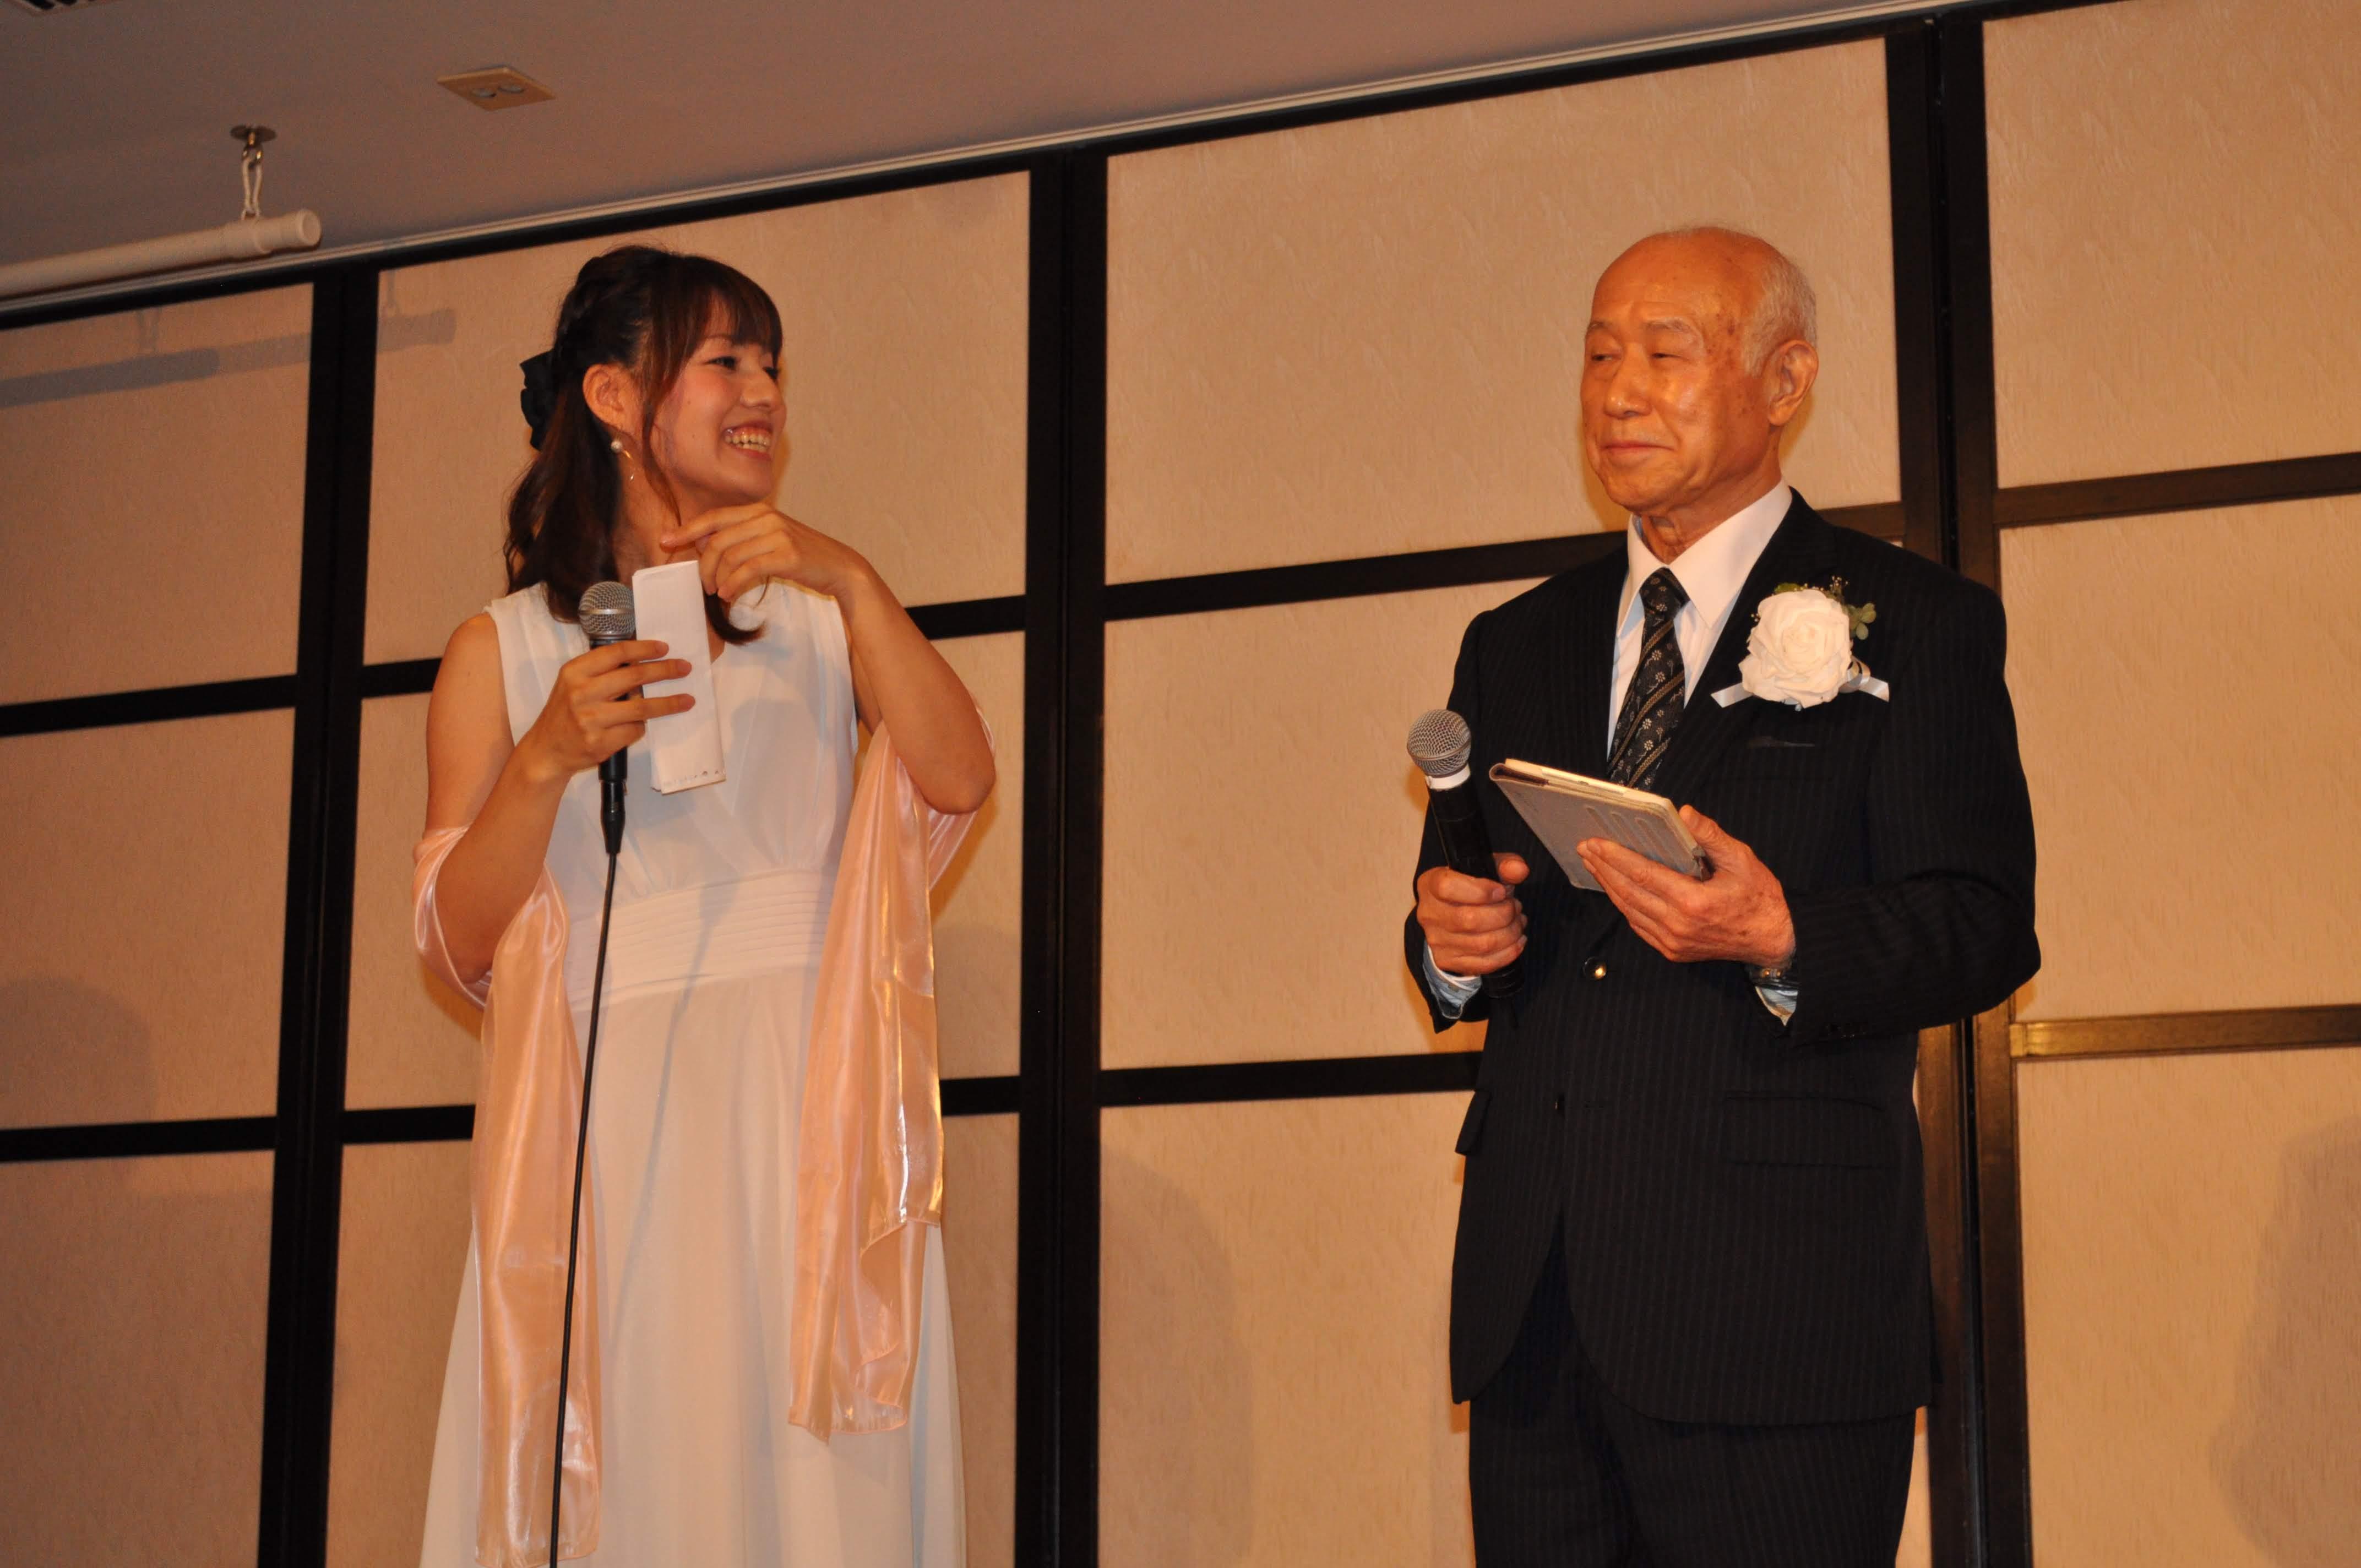 DSC 0510 1 - 思風会全国大会in広島